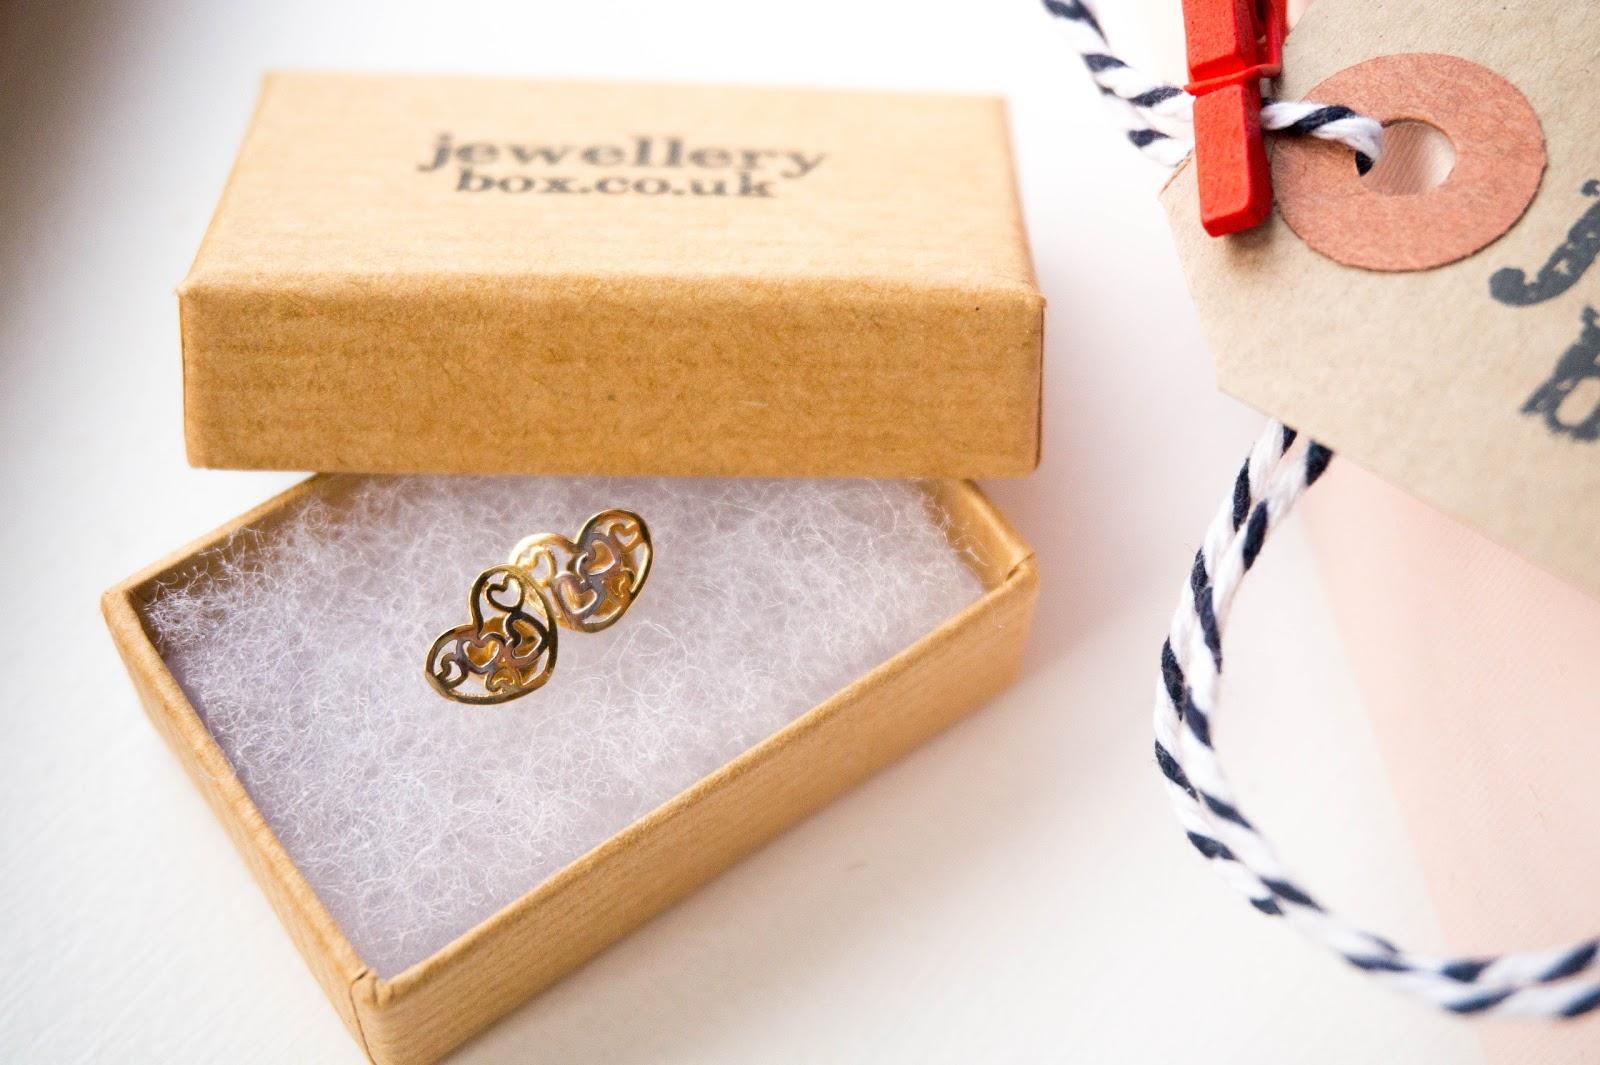 JewelleryBox.Co.UK